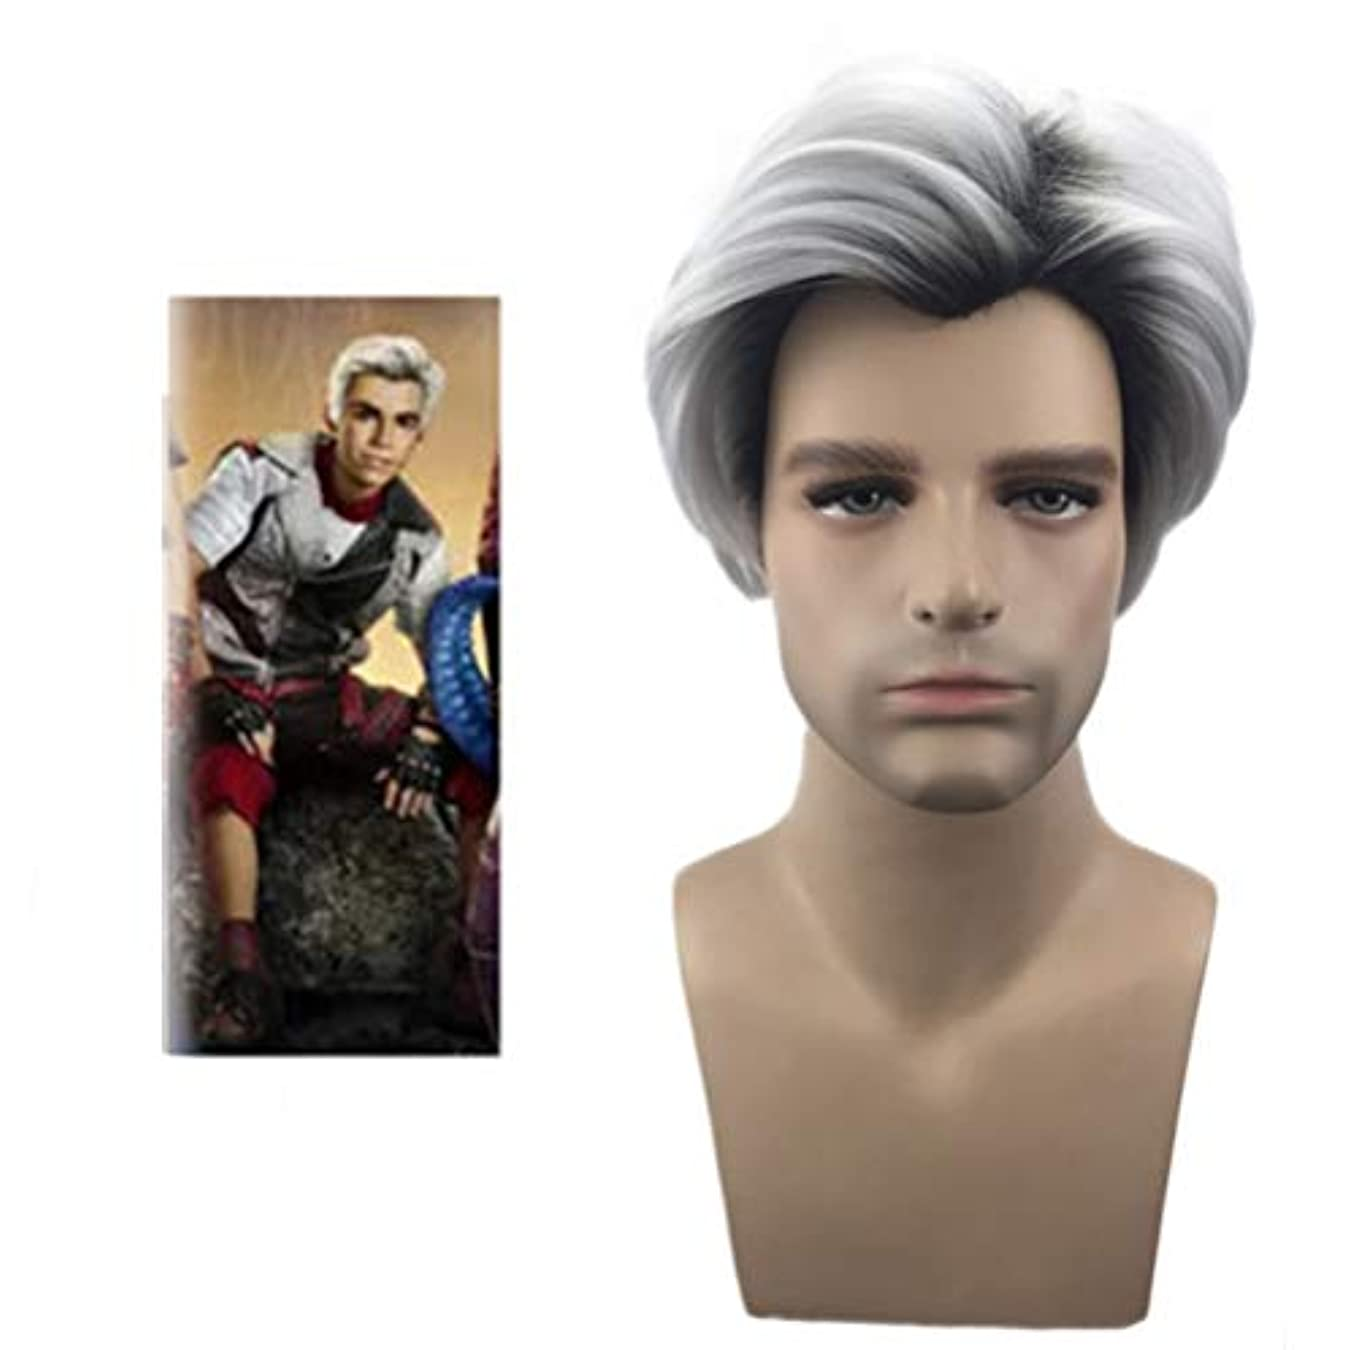 ナインへダース自分を引き上げる男性用かつら150%密度合成耐熱ショーツブラジル人毛ウィッグ黒根白髪28cm